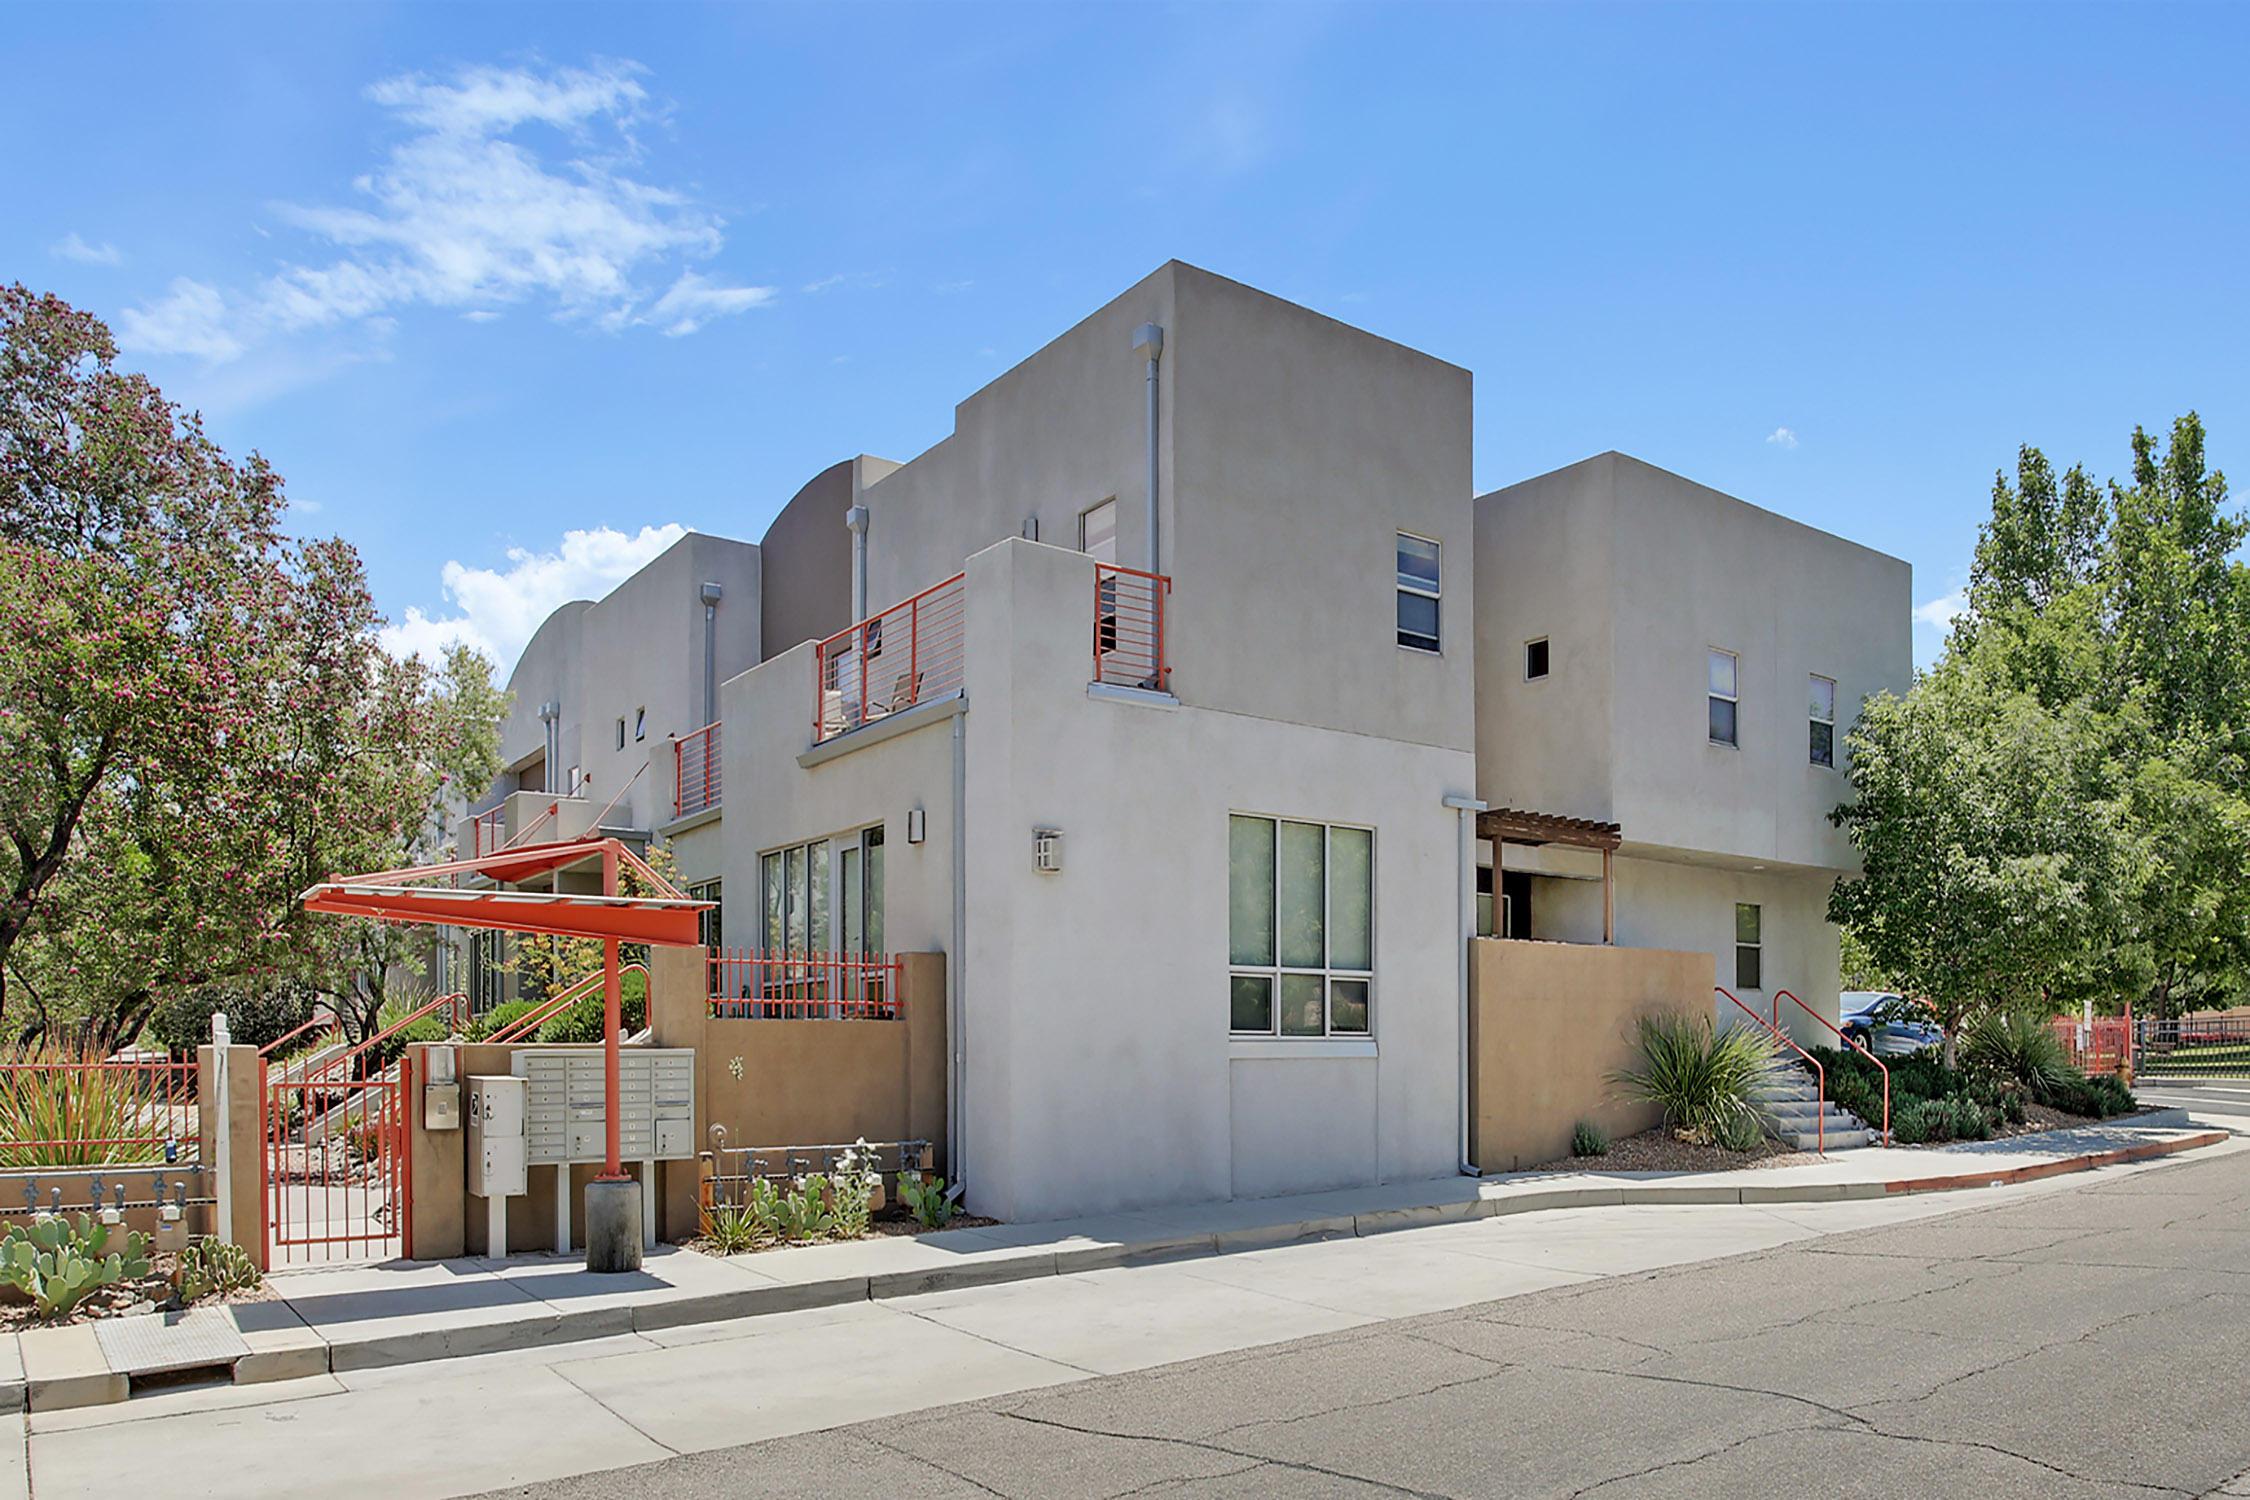 216 ALISO Drive SE, Albuquerque, NM 87108 - Albuquerque, NM real estate listing